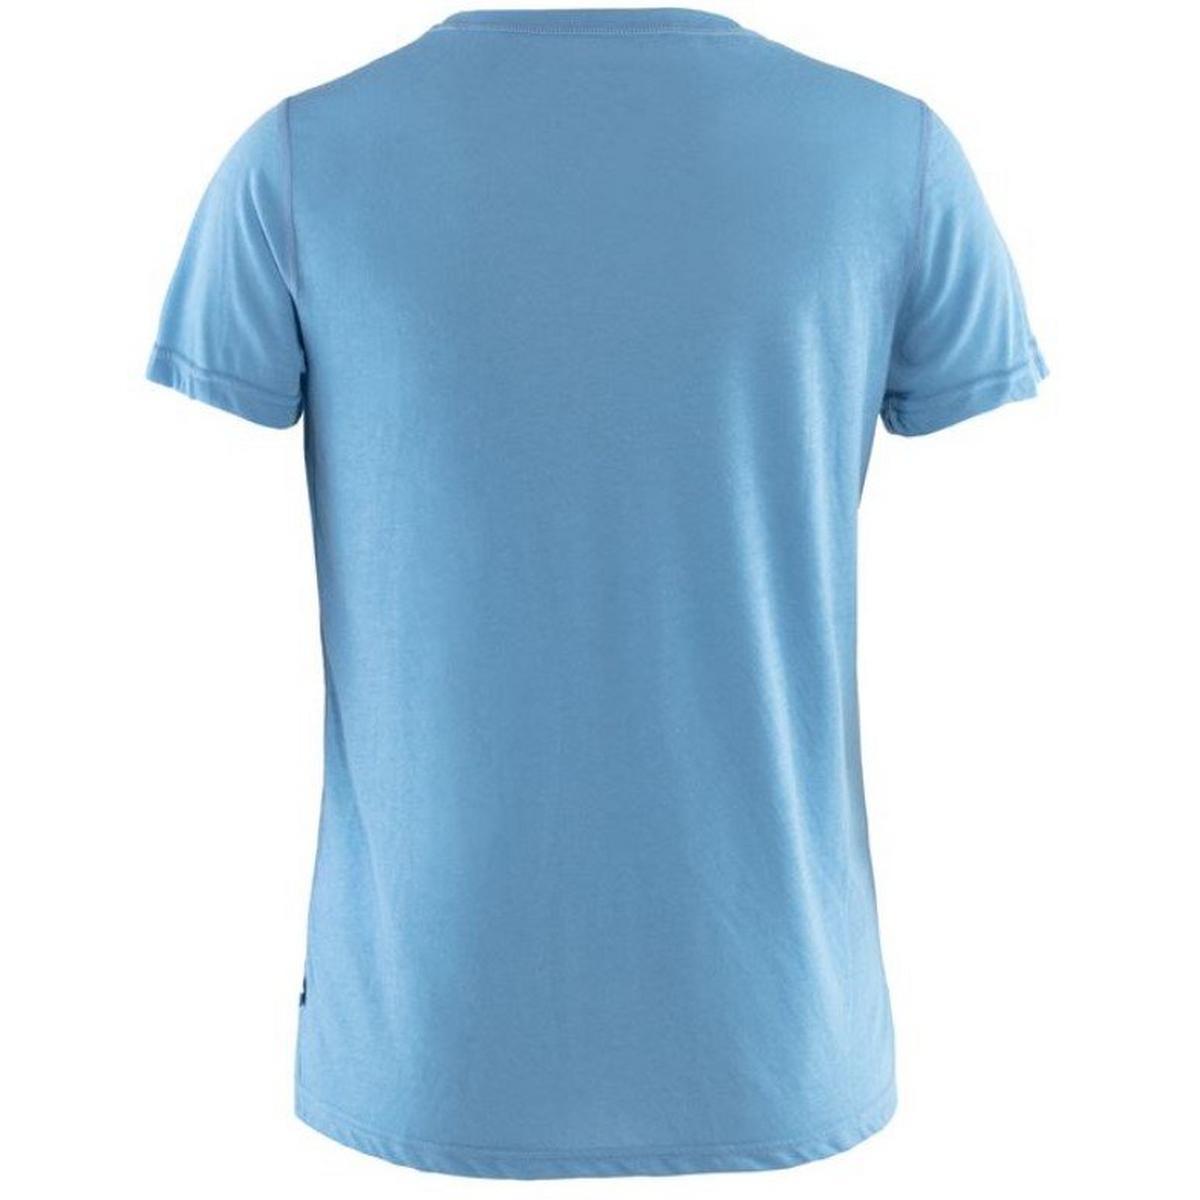 Fjallraven Women's High Coast Lite T-shirt